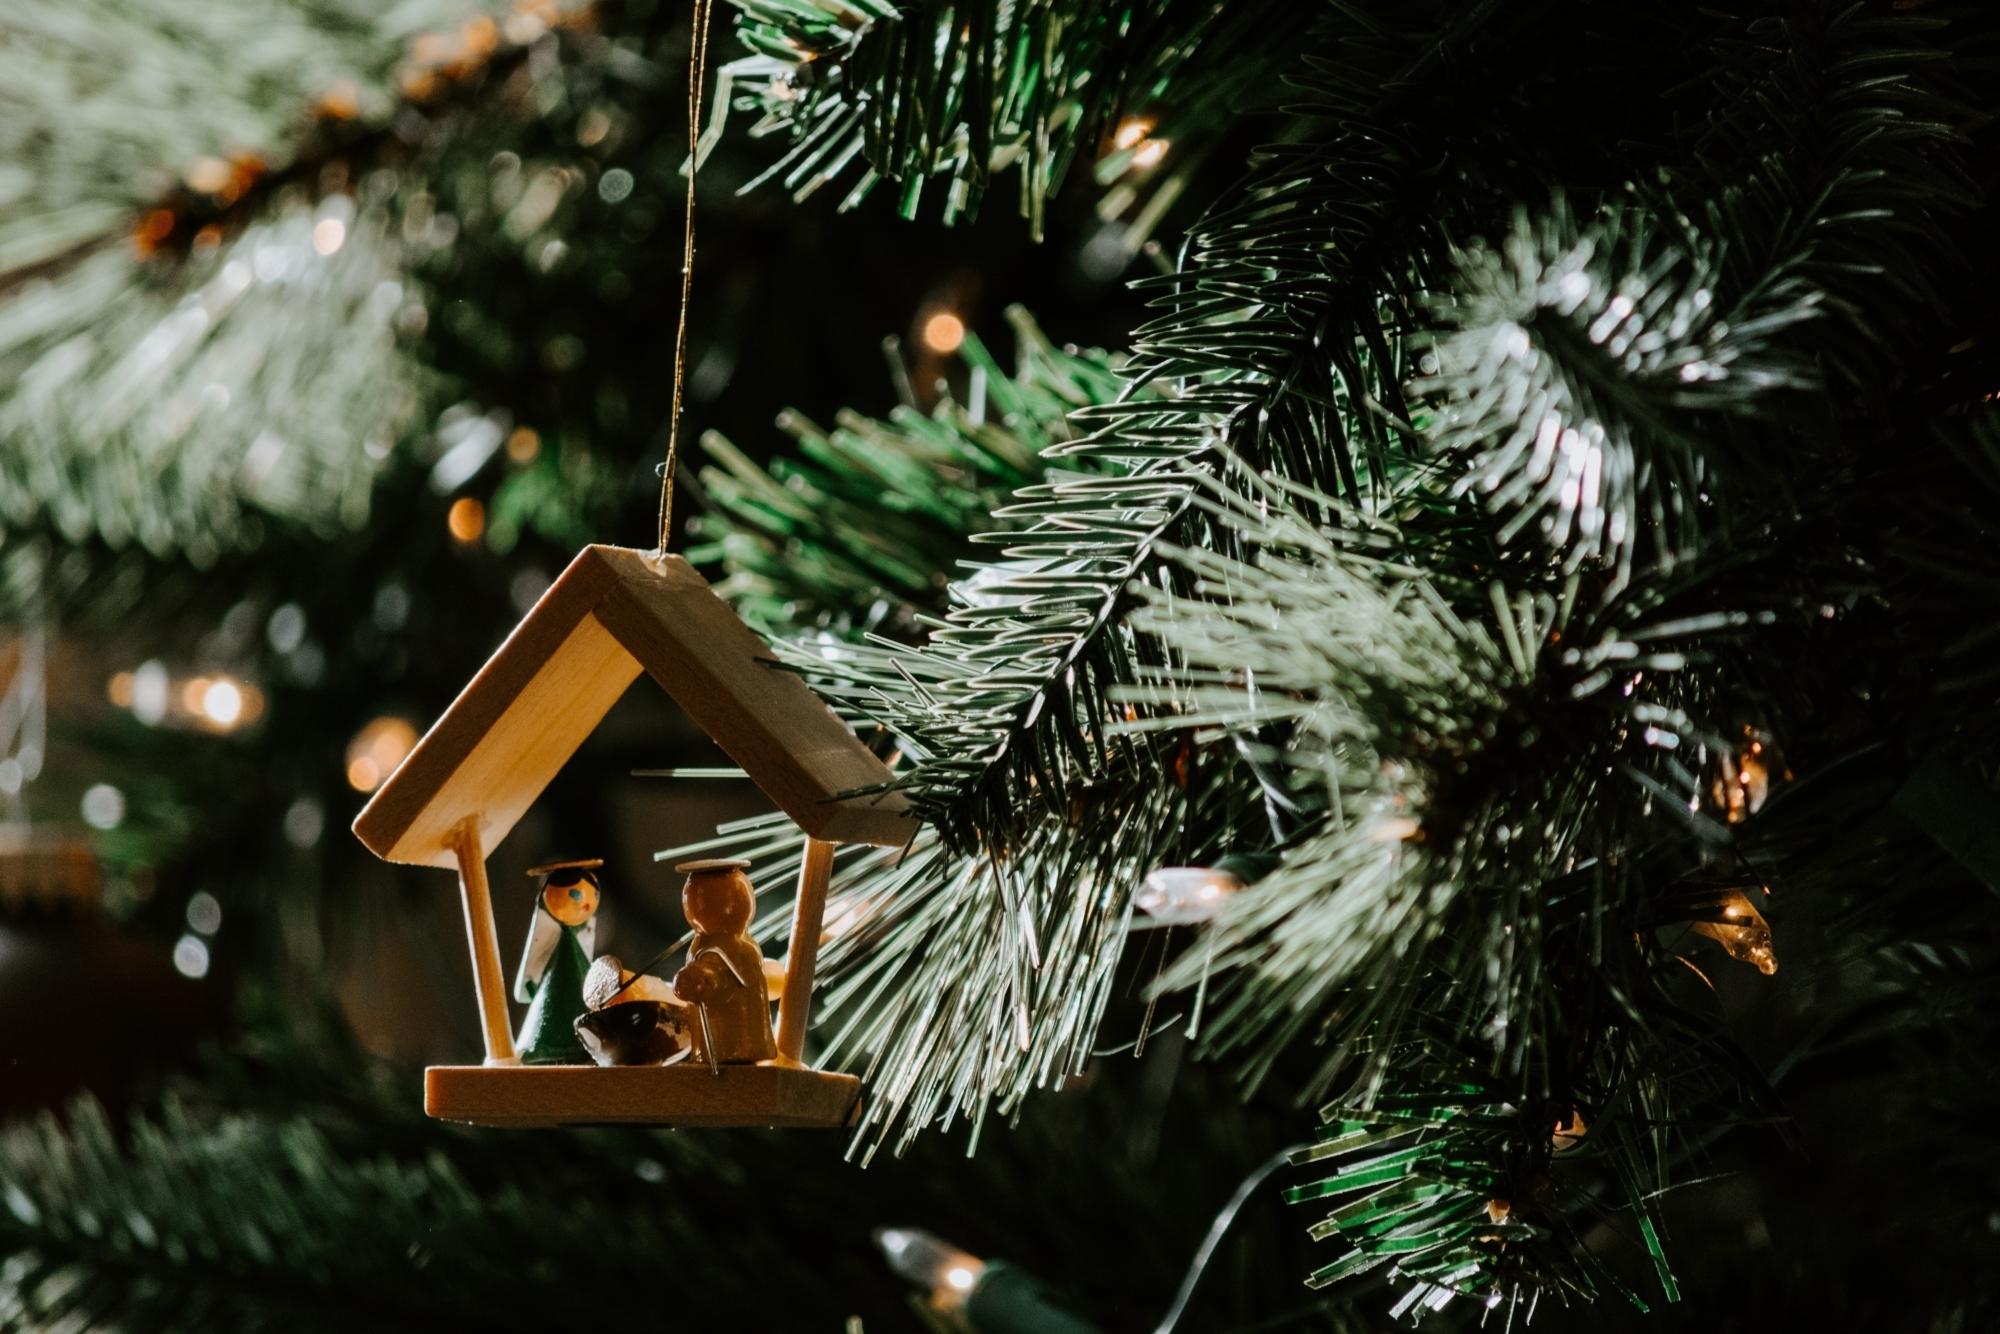 Weihnachten Krippe kelly sikkema 57 H5y498 Yk unsplash